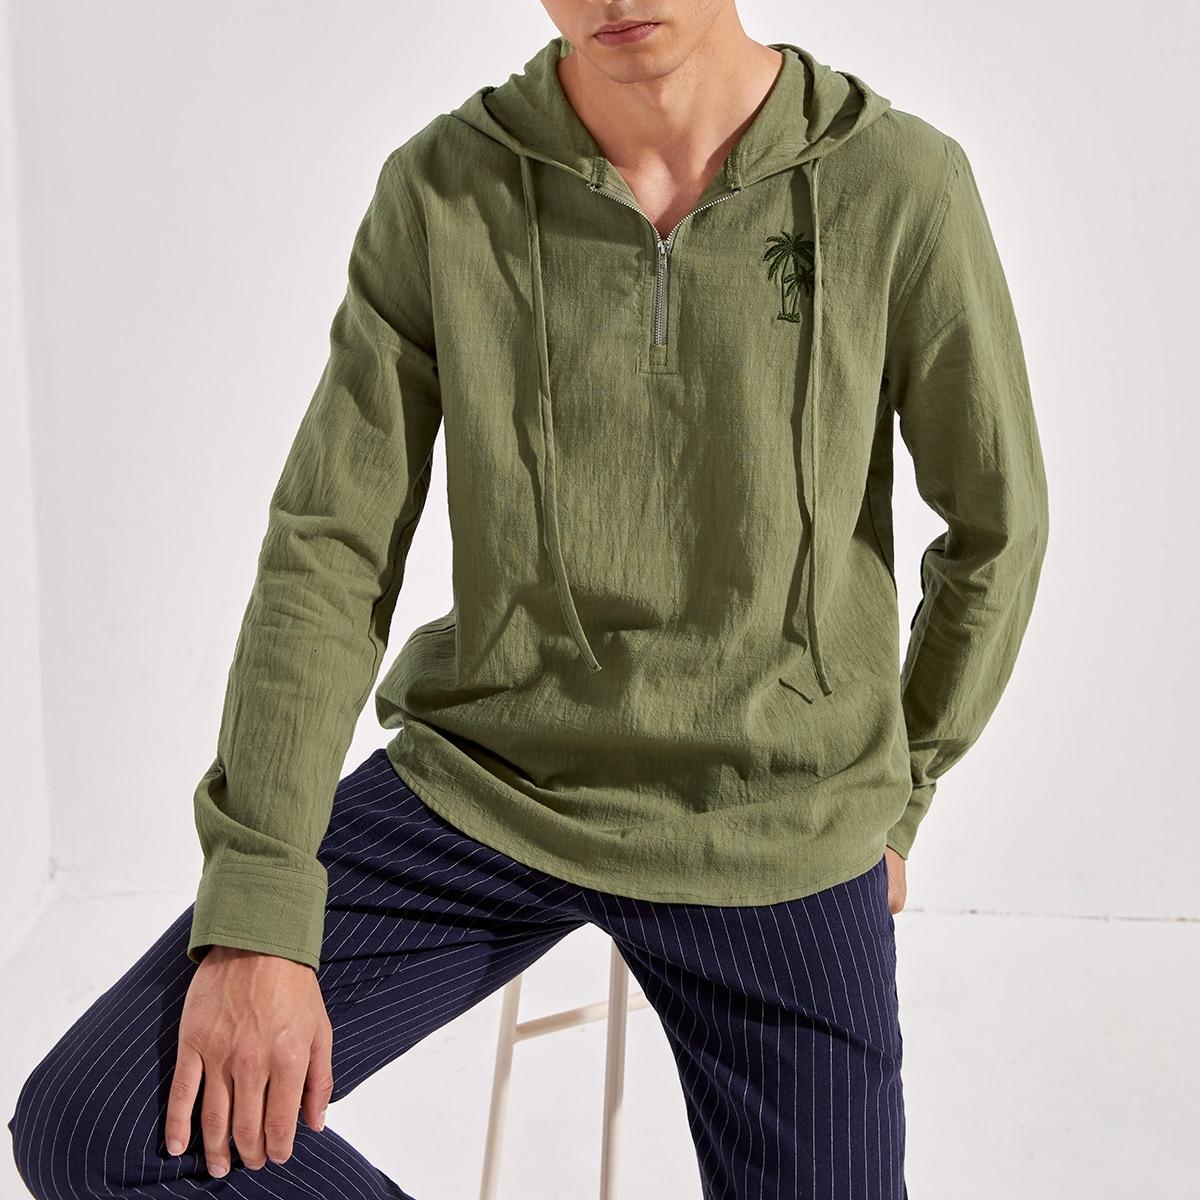 Мужская рубашка с вышивкой пальмового дерева